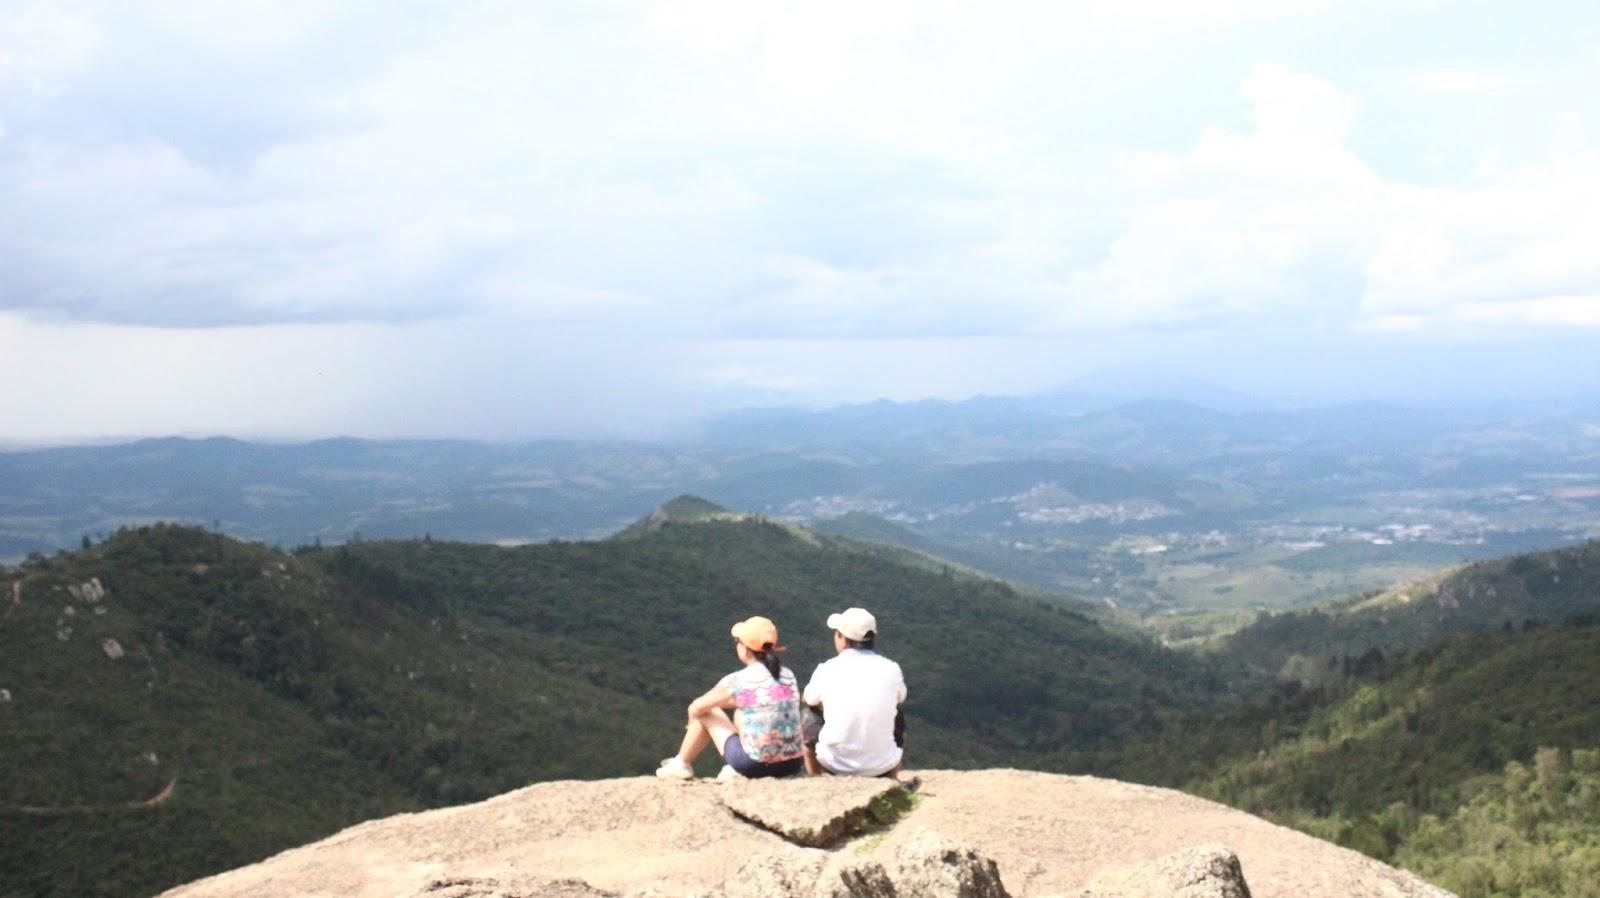 casal apreciando paisagem